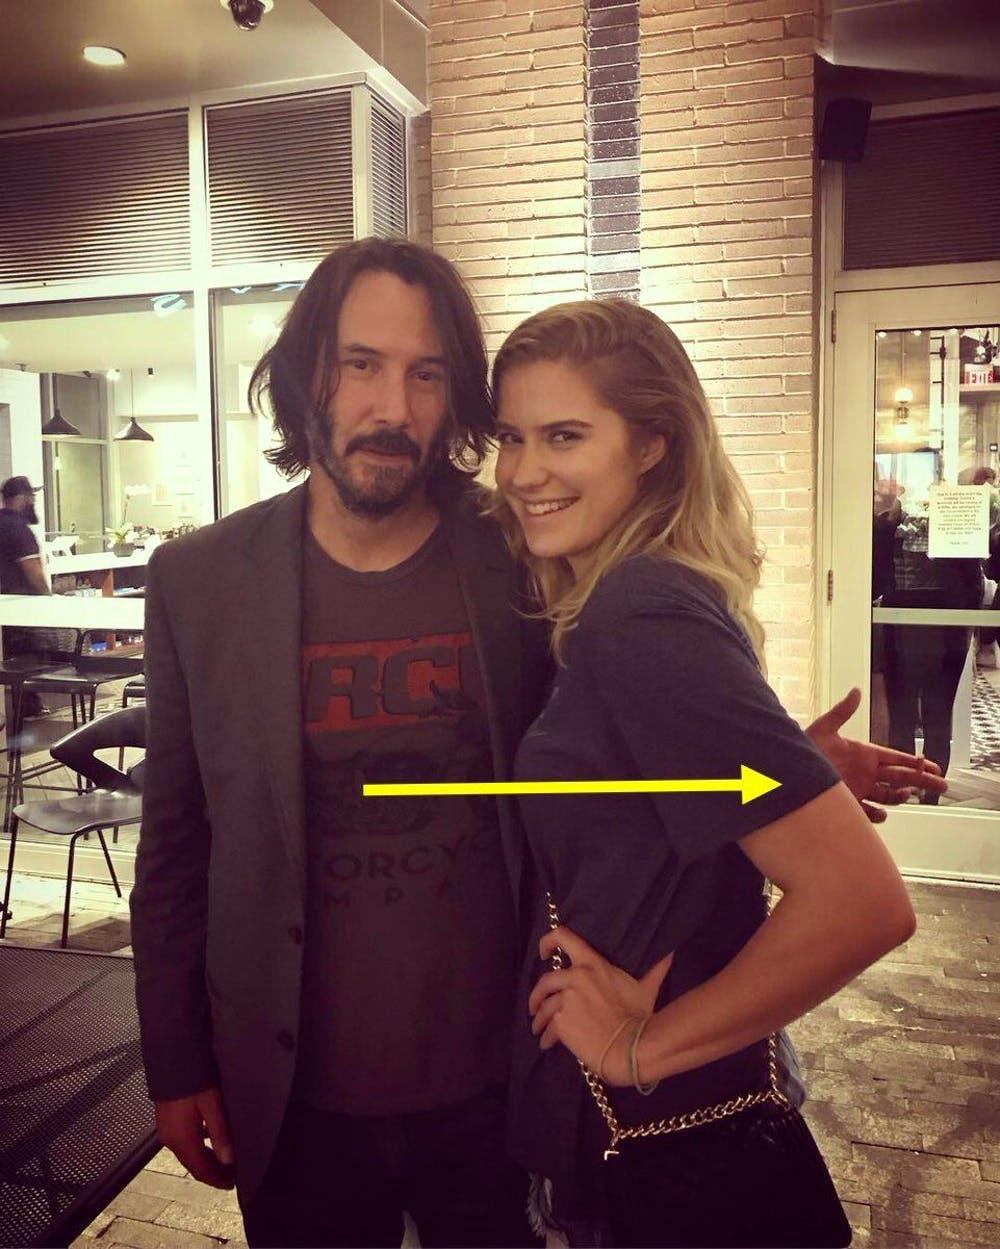 El ademán de Keanu Reeves cuando posa con una fan que se está haciendo viral